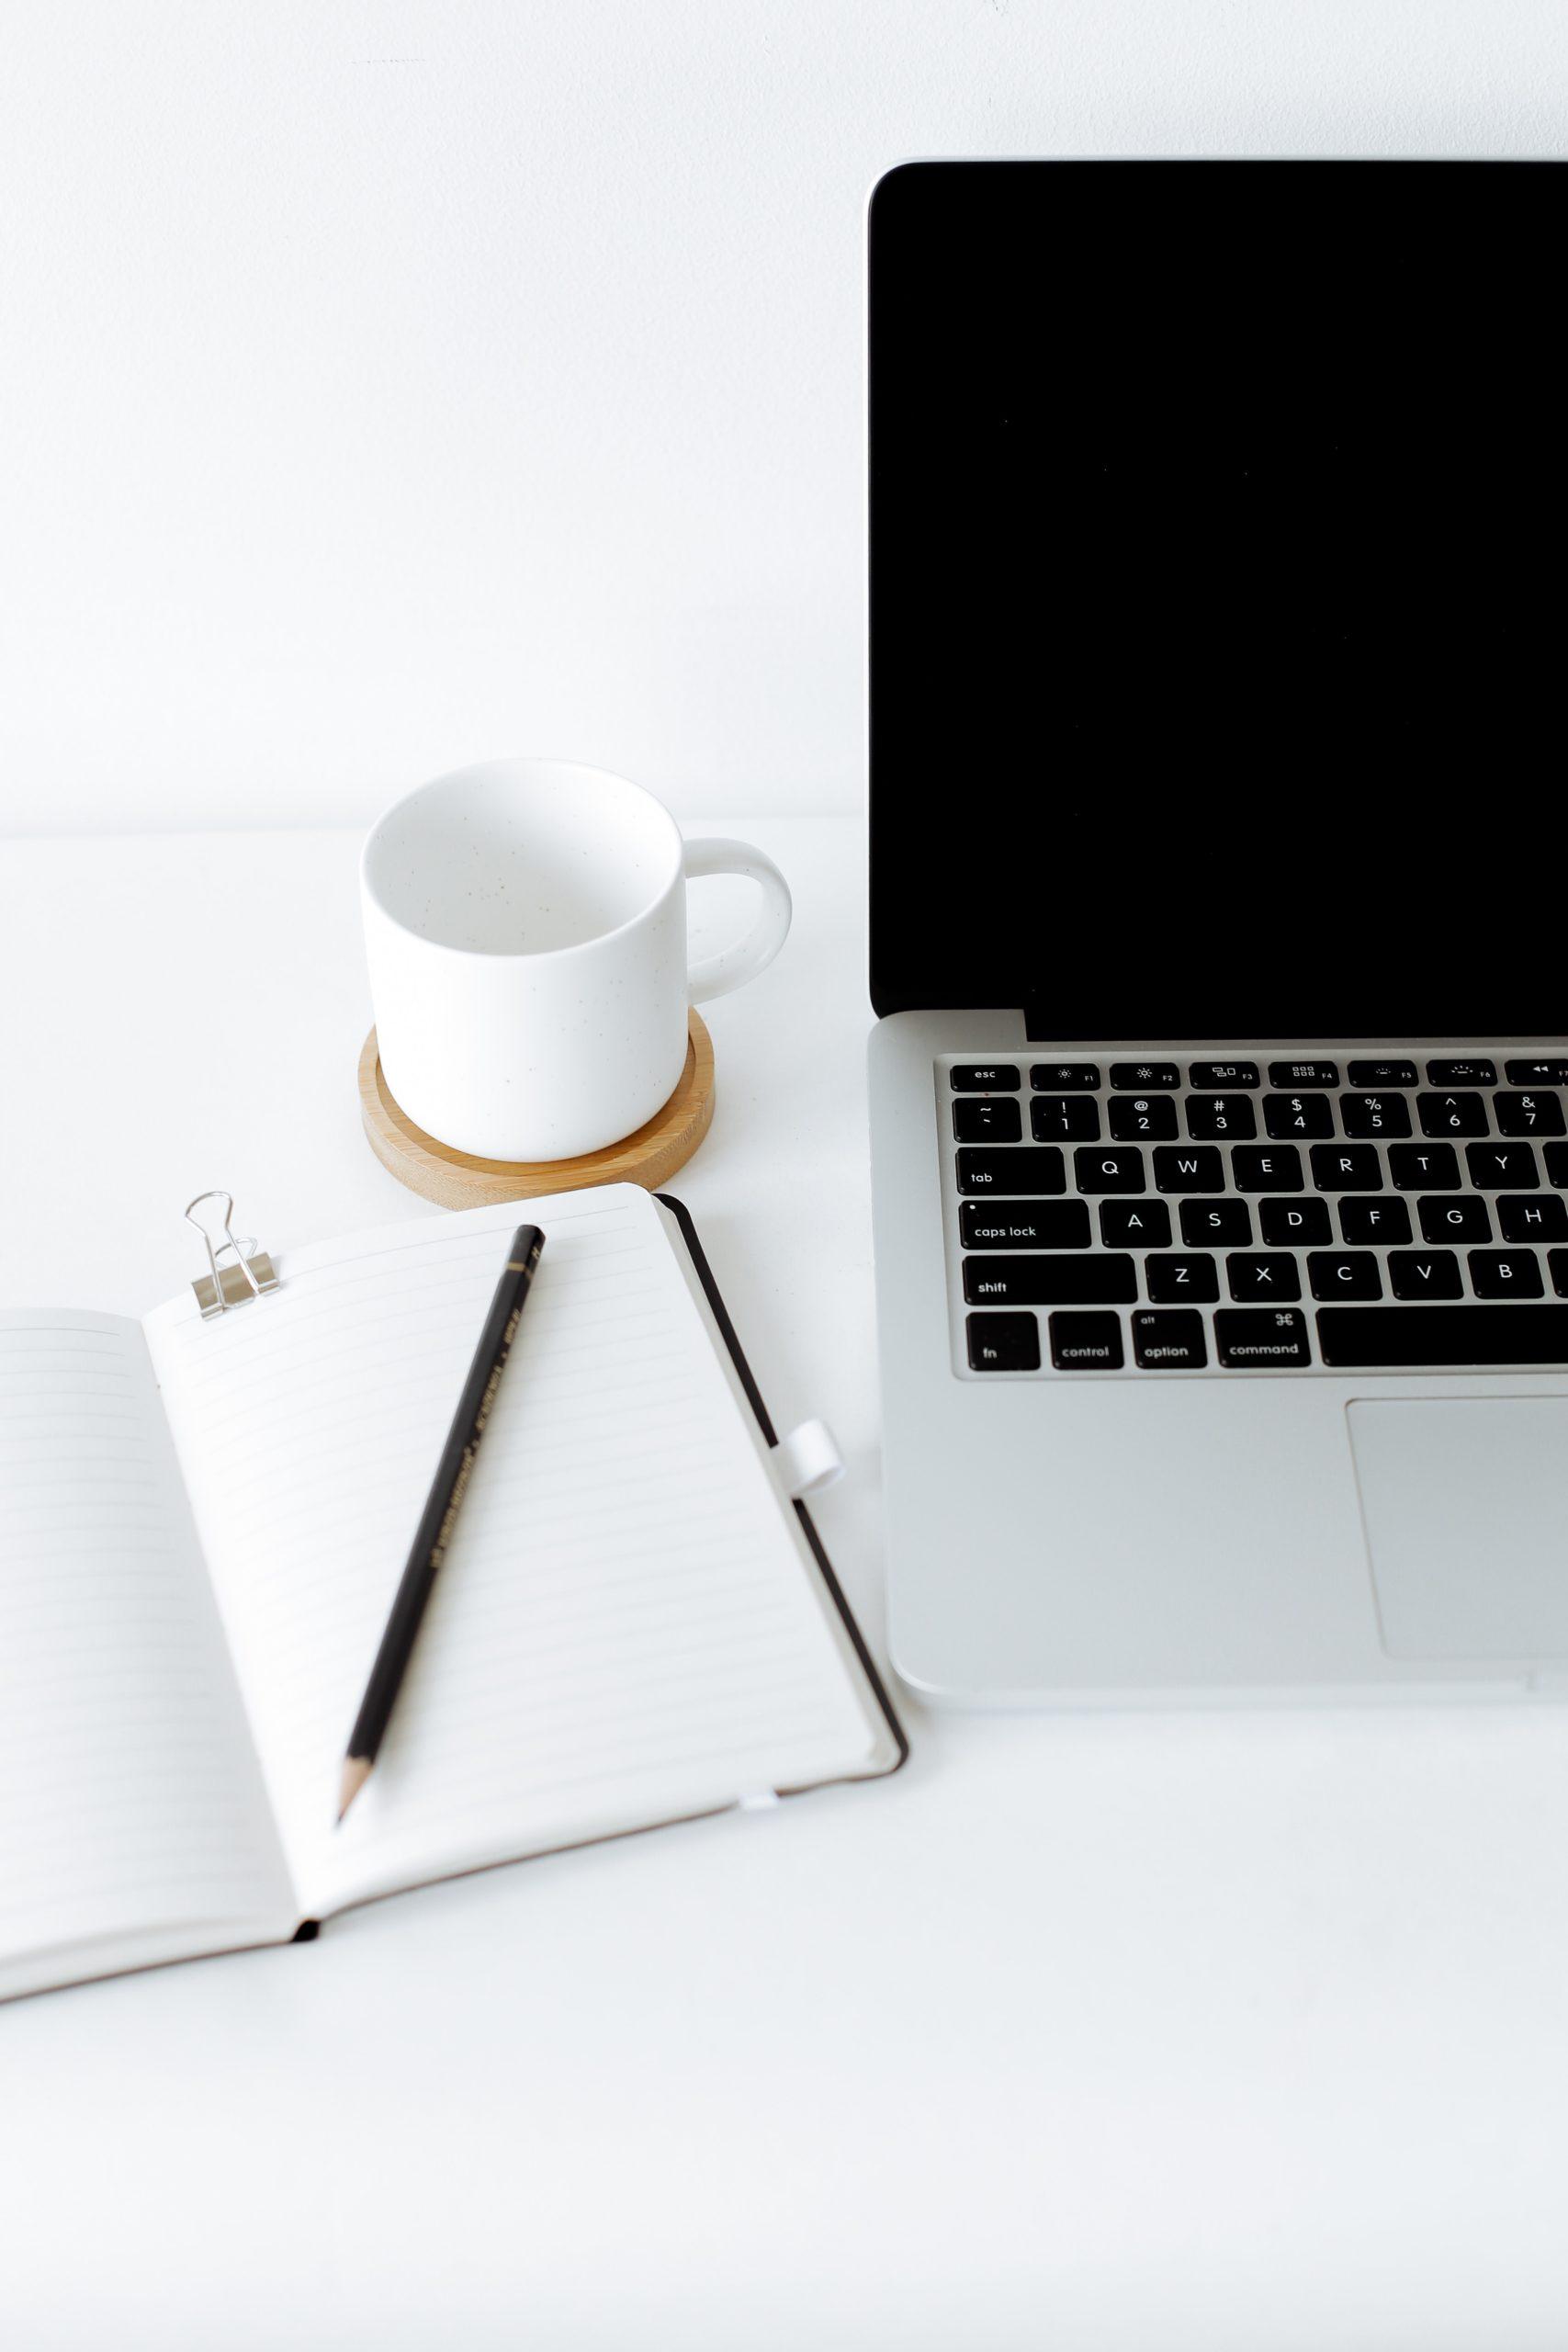 Définitions-objectifs-redaction-web-avec-affluence-digitale-cabinet-de-consulting-seo